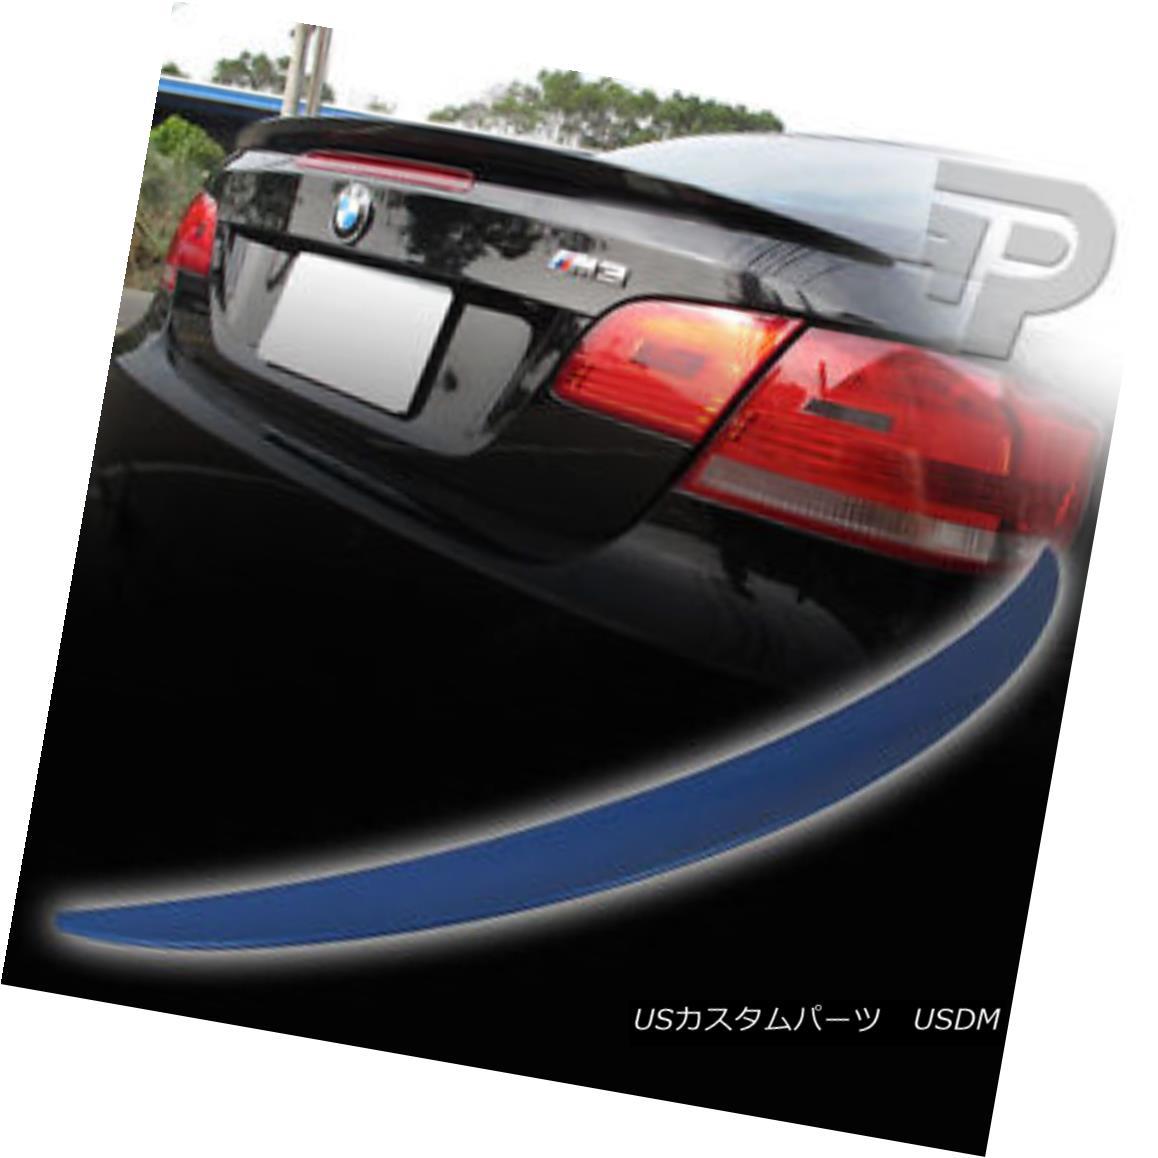 エアロパーツ PAINTED #354 BMW E93 CONVERTIBLE PERFORMANCE P TYPE REAR TRUNK SPOILER WING ▼ 塗装済み#354 BMW E93コンバーチブルパフォーマンスPタイプリアTRONK SPOILER WING?